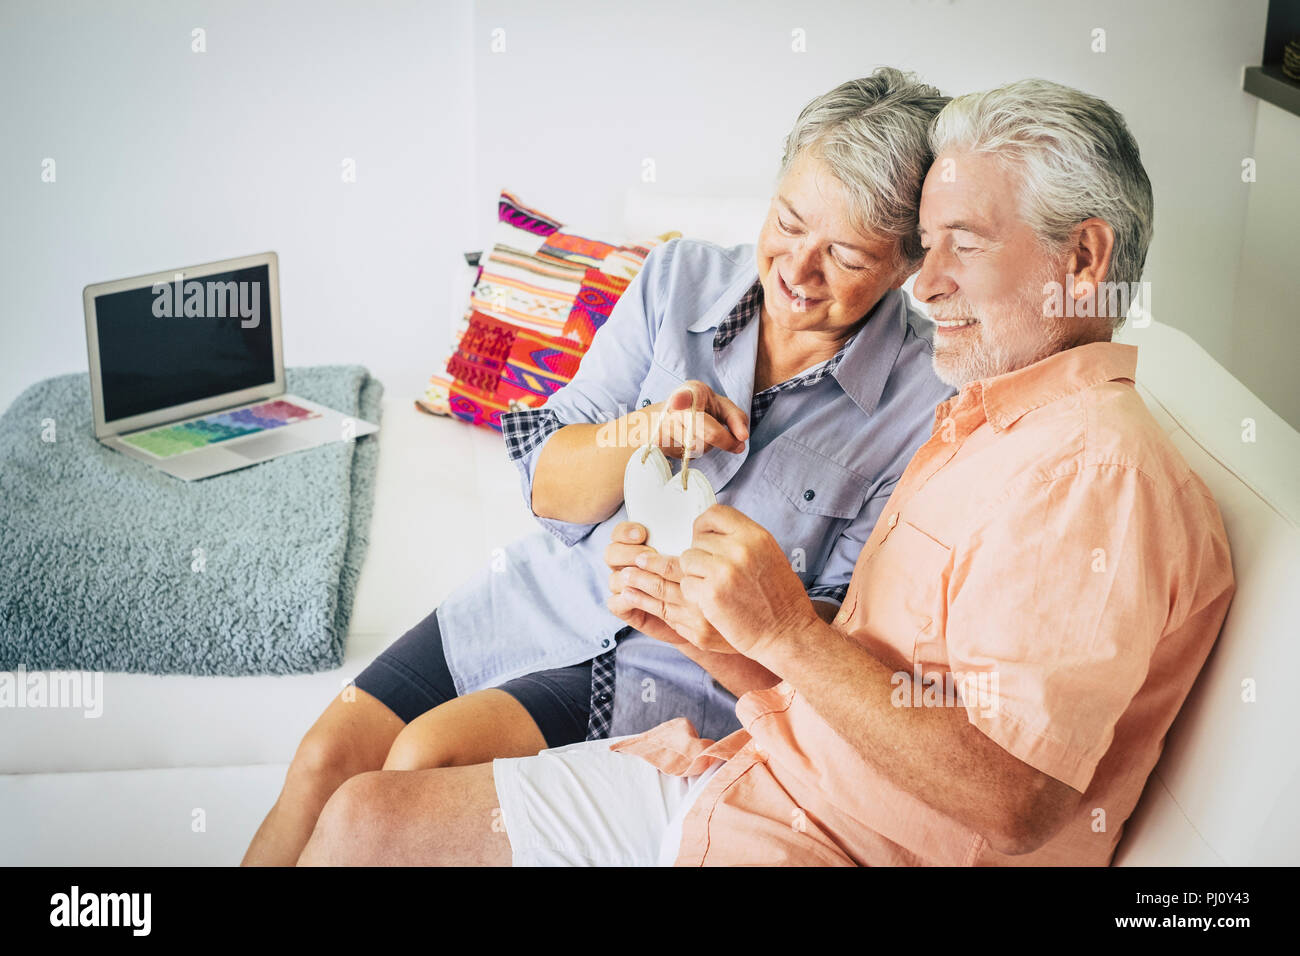 Gerne älterer Erwachsener Paar cacuasian Menschen in Liebe zu Hause sitzen auf dem Sofa und ein Holz handgefertigt Hearth auf Händen. Glück und Fröhlichen Stockbild